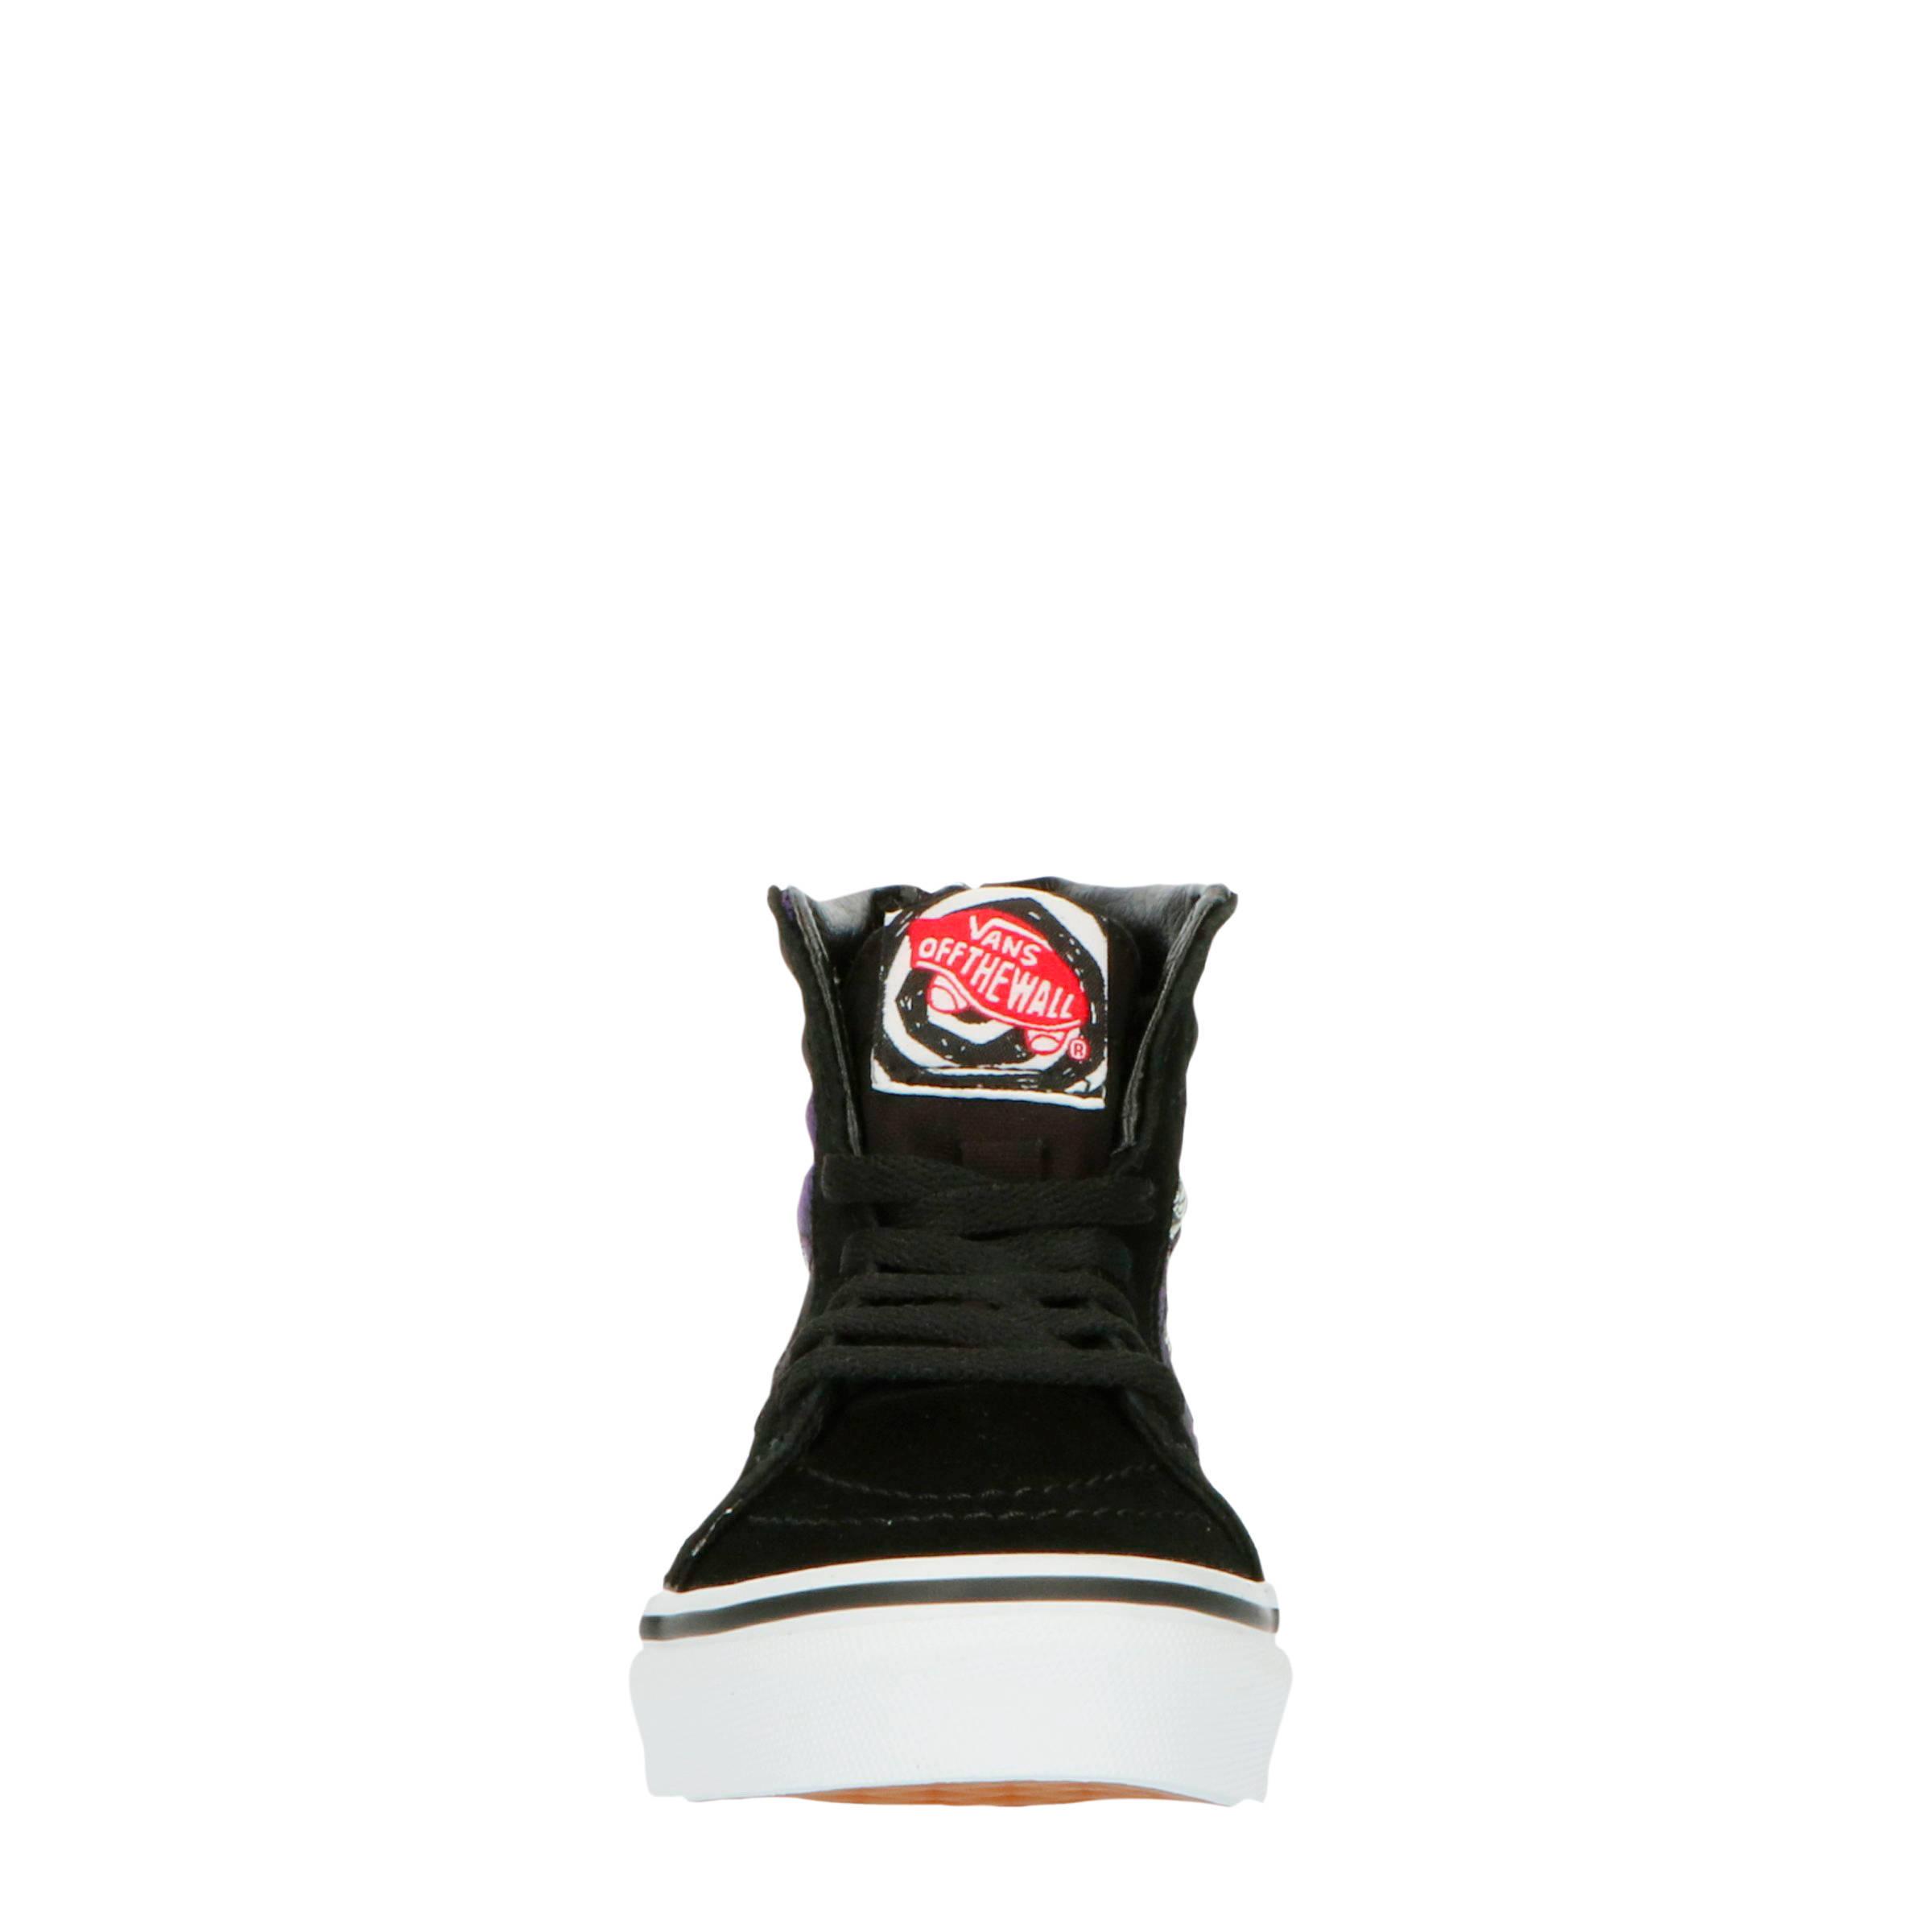 VANS Sk8 Hi Zip The Nightmare Before Christmas sneakers